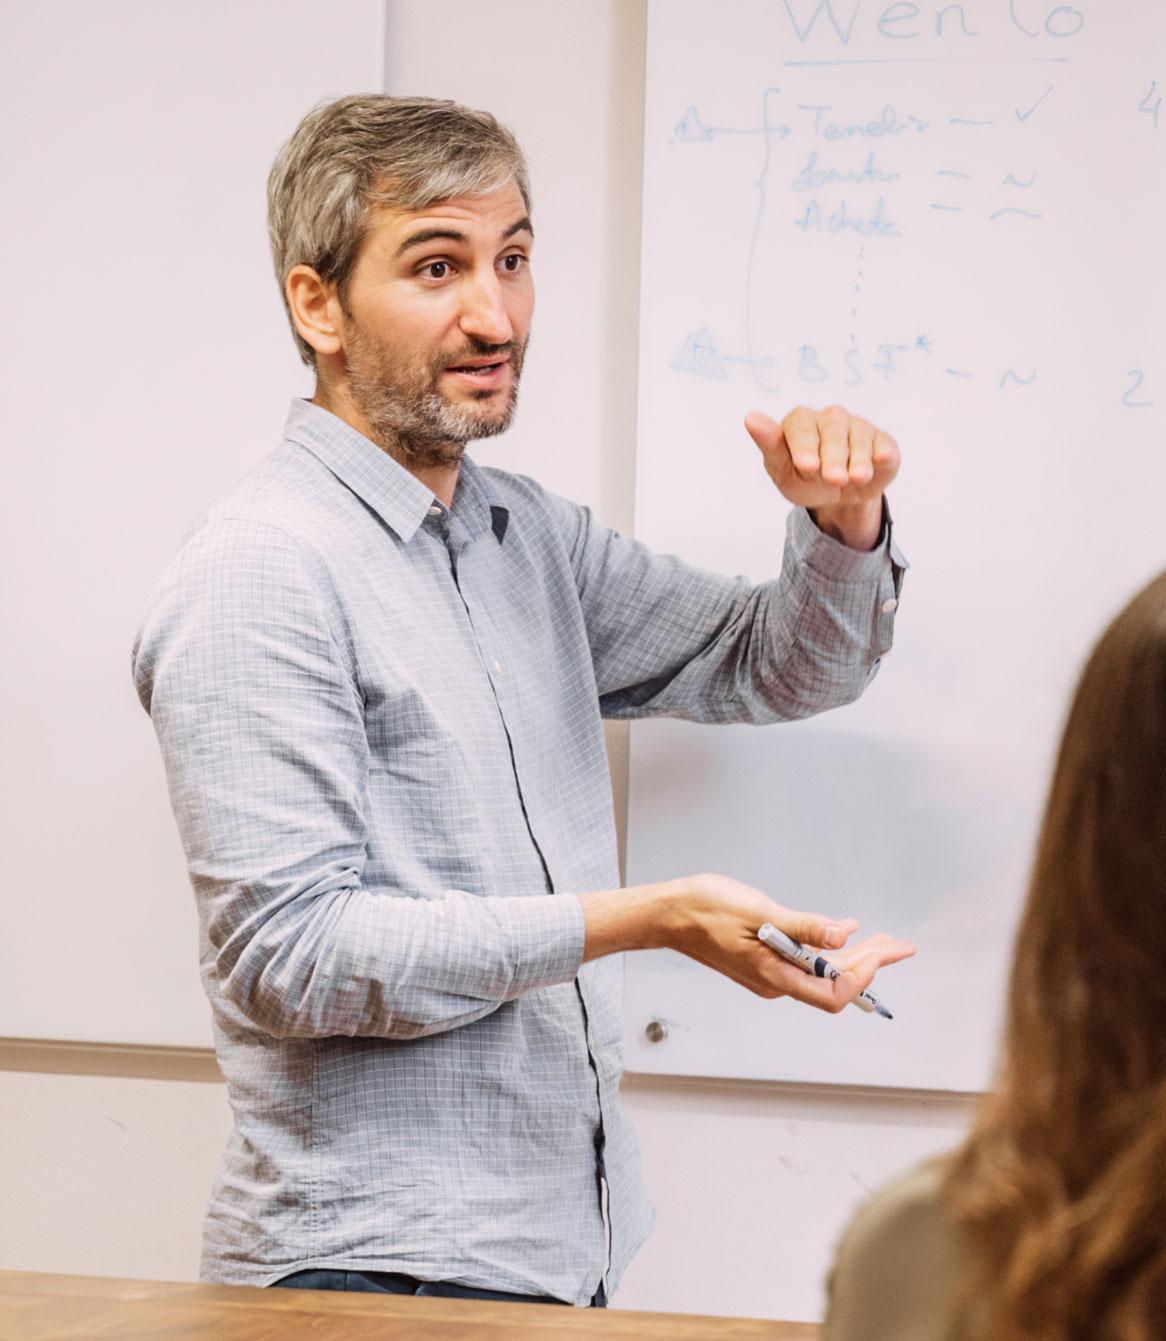 Una persona del equipo delante de la pizarra explicando conceptos a los demás.